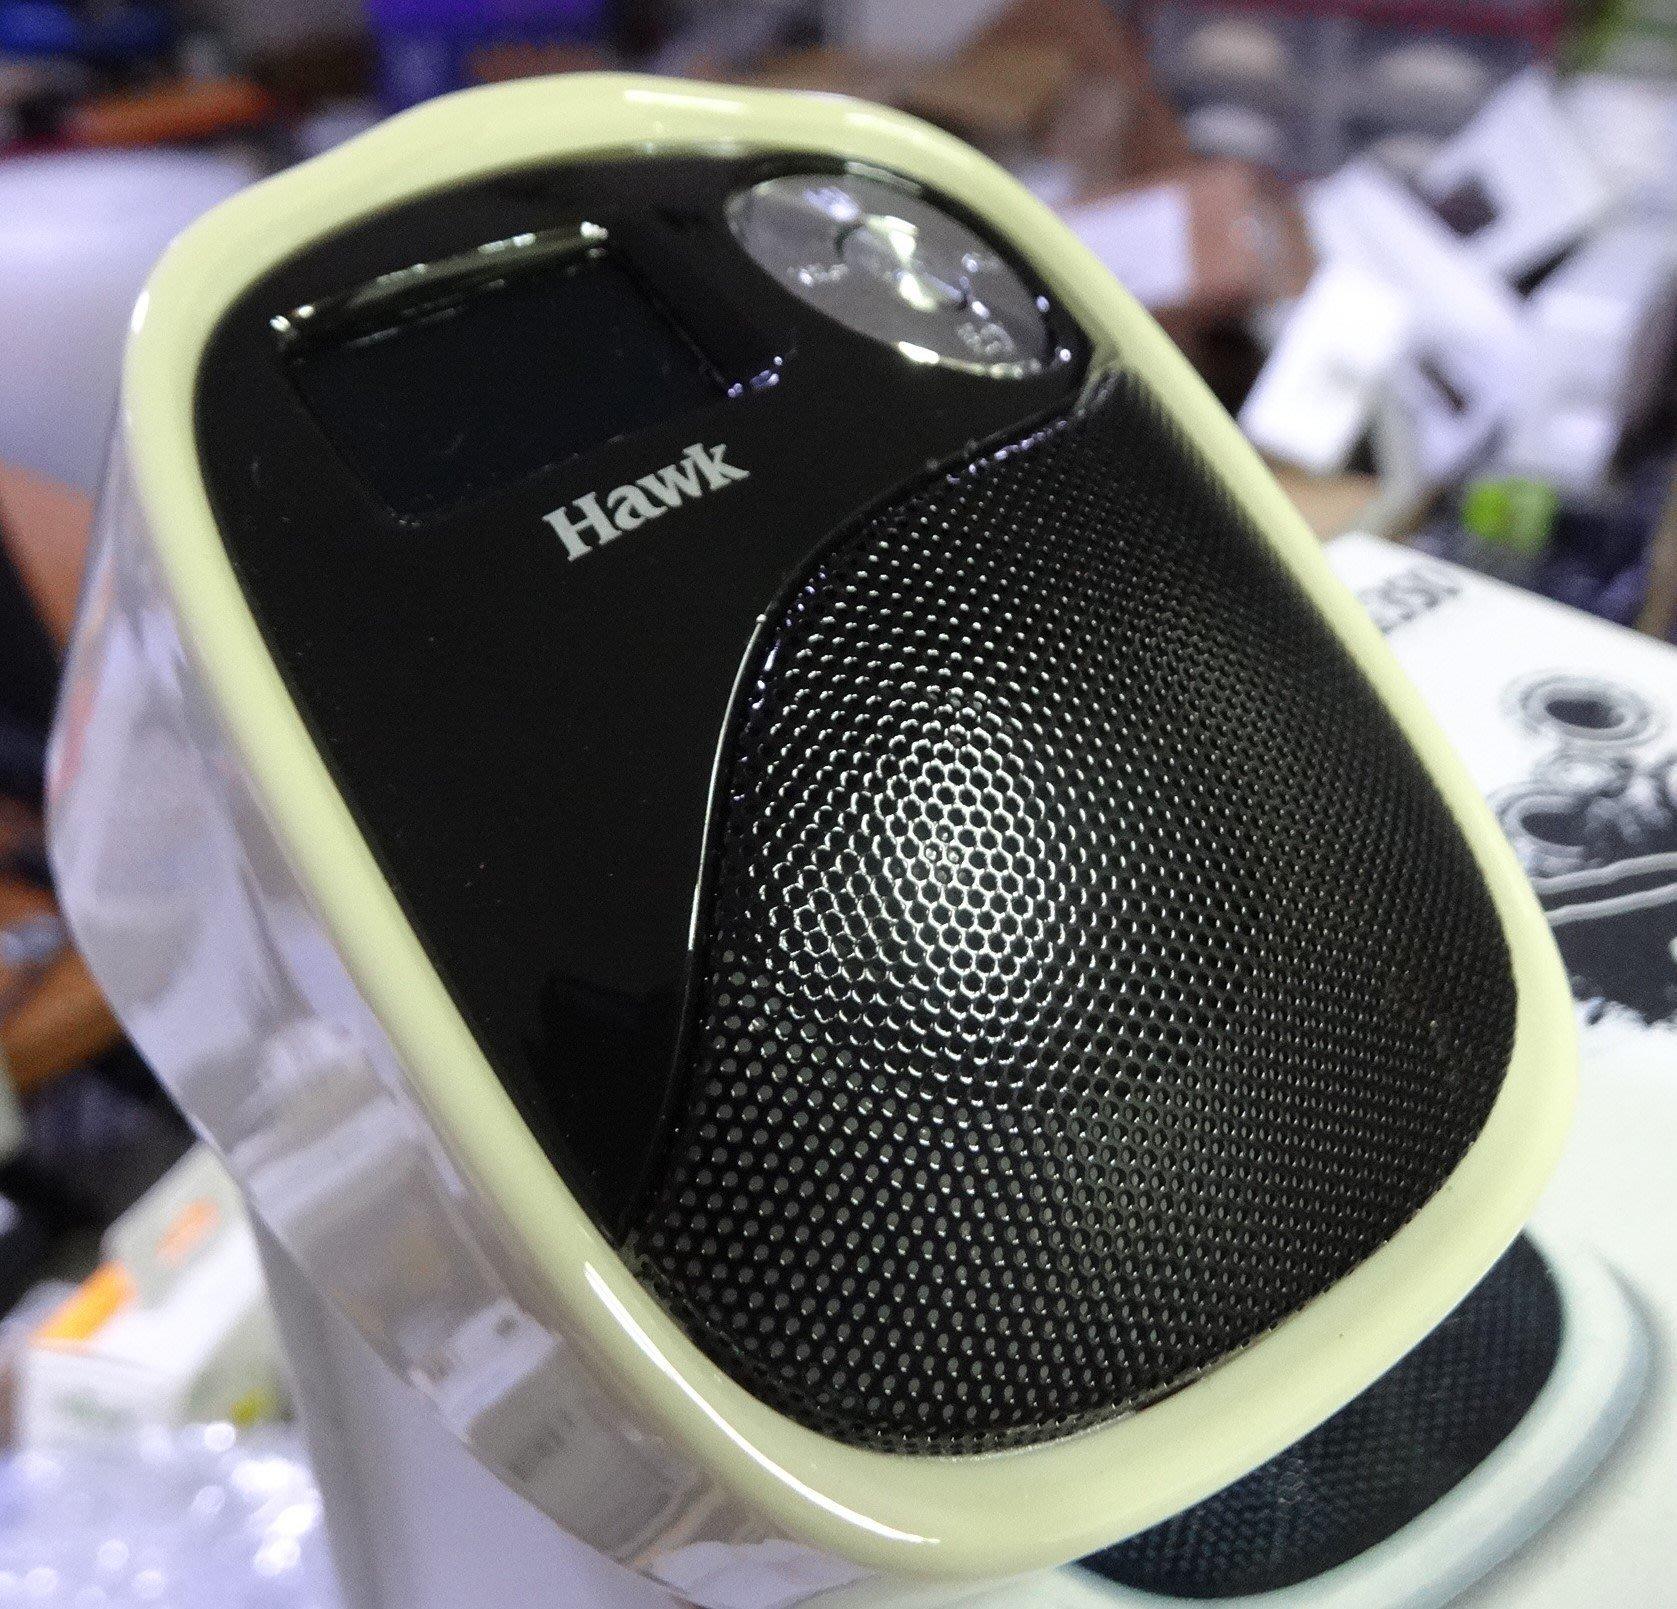 瑕疵品 190元 表面泛黃的◎Hawk Magic P350 魔幻舞者 立體聲 插卡 MP3隨身喇叭◎